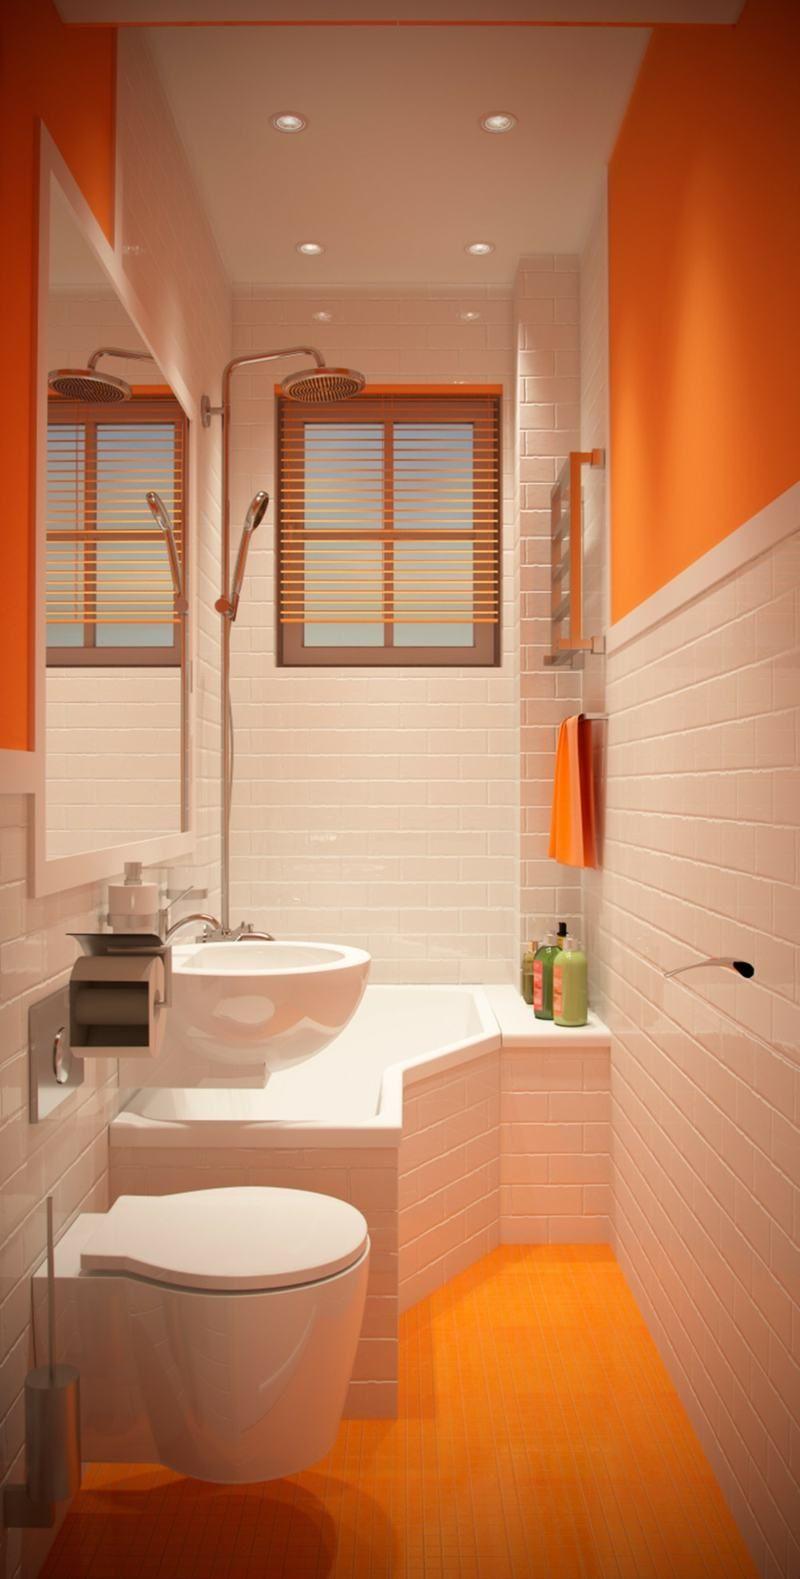 les 25 meilleures id es de la cat gorie spot salle de bain sur pinterest spot douche miroir. Black Bedroom Furniture Sets. Home Design Ideas